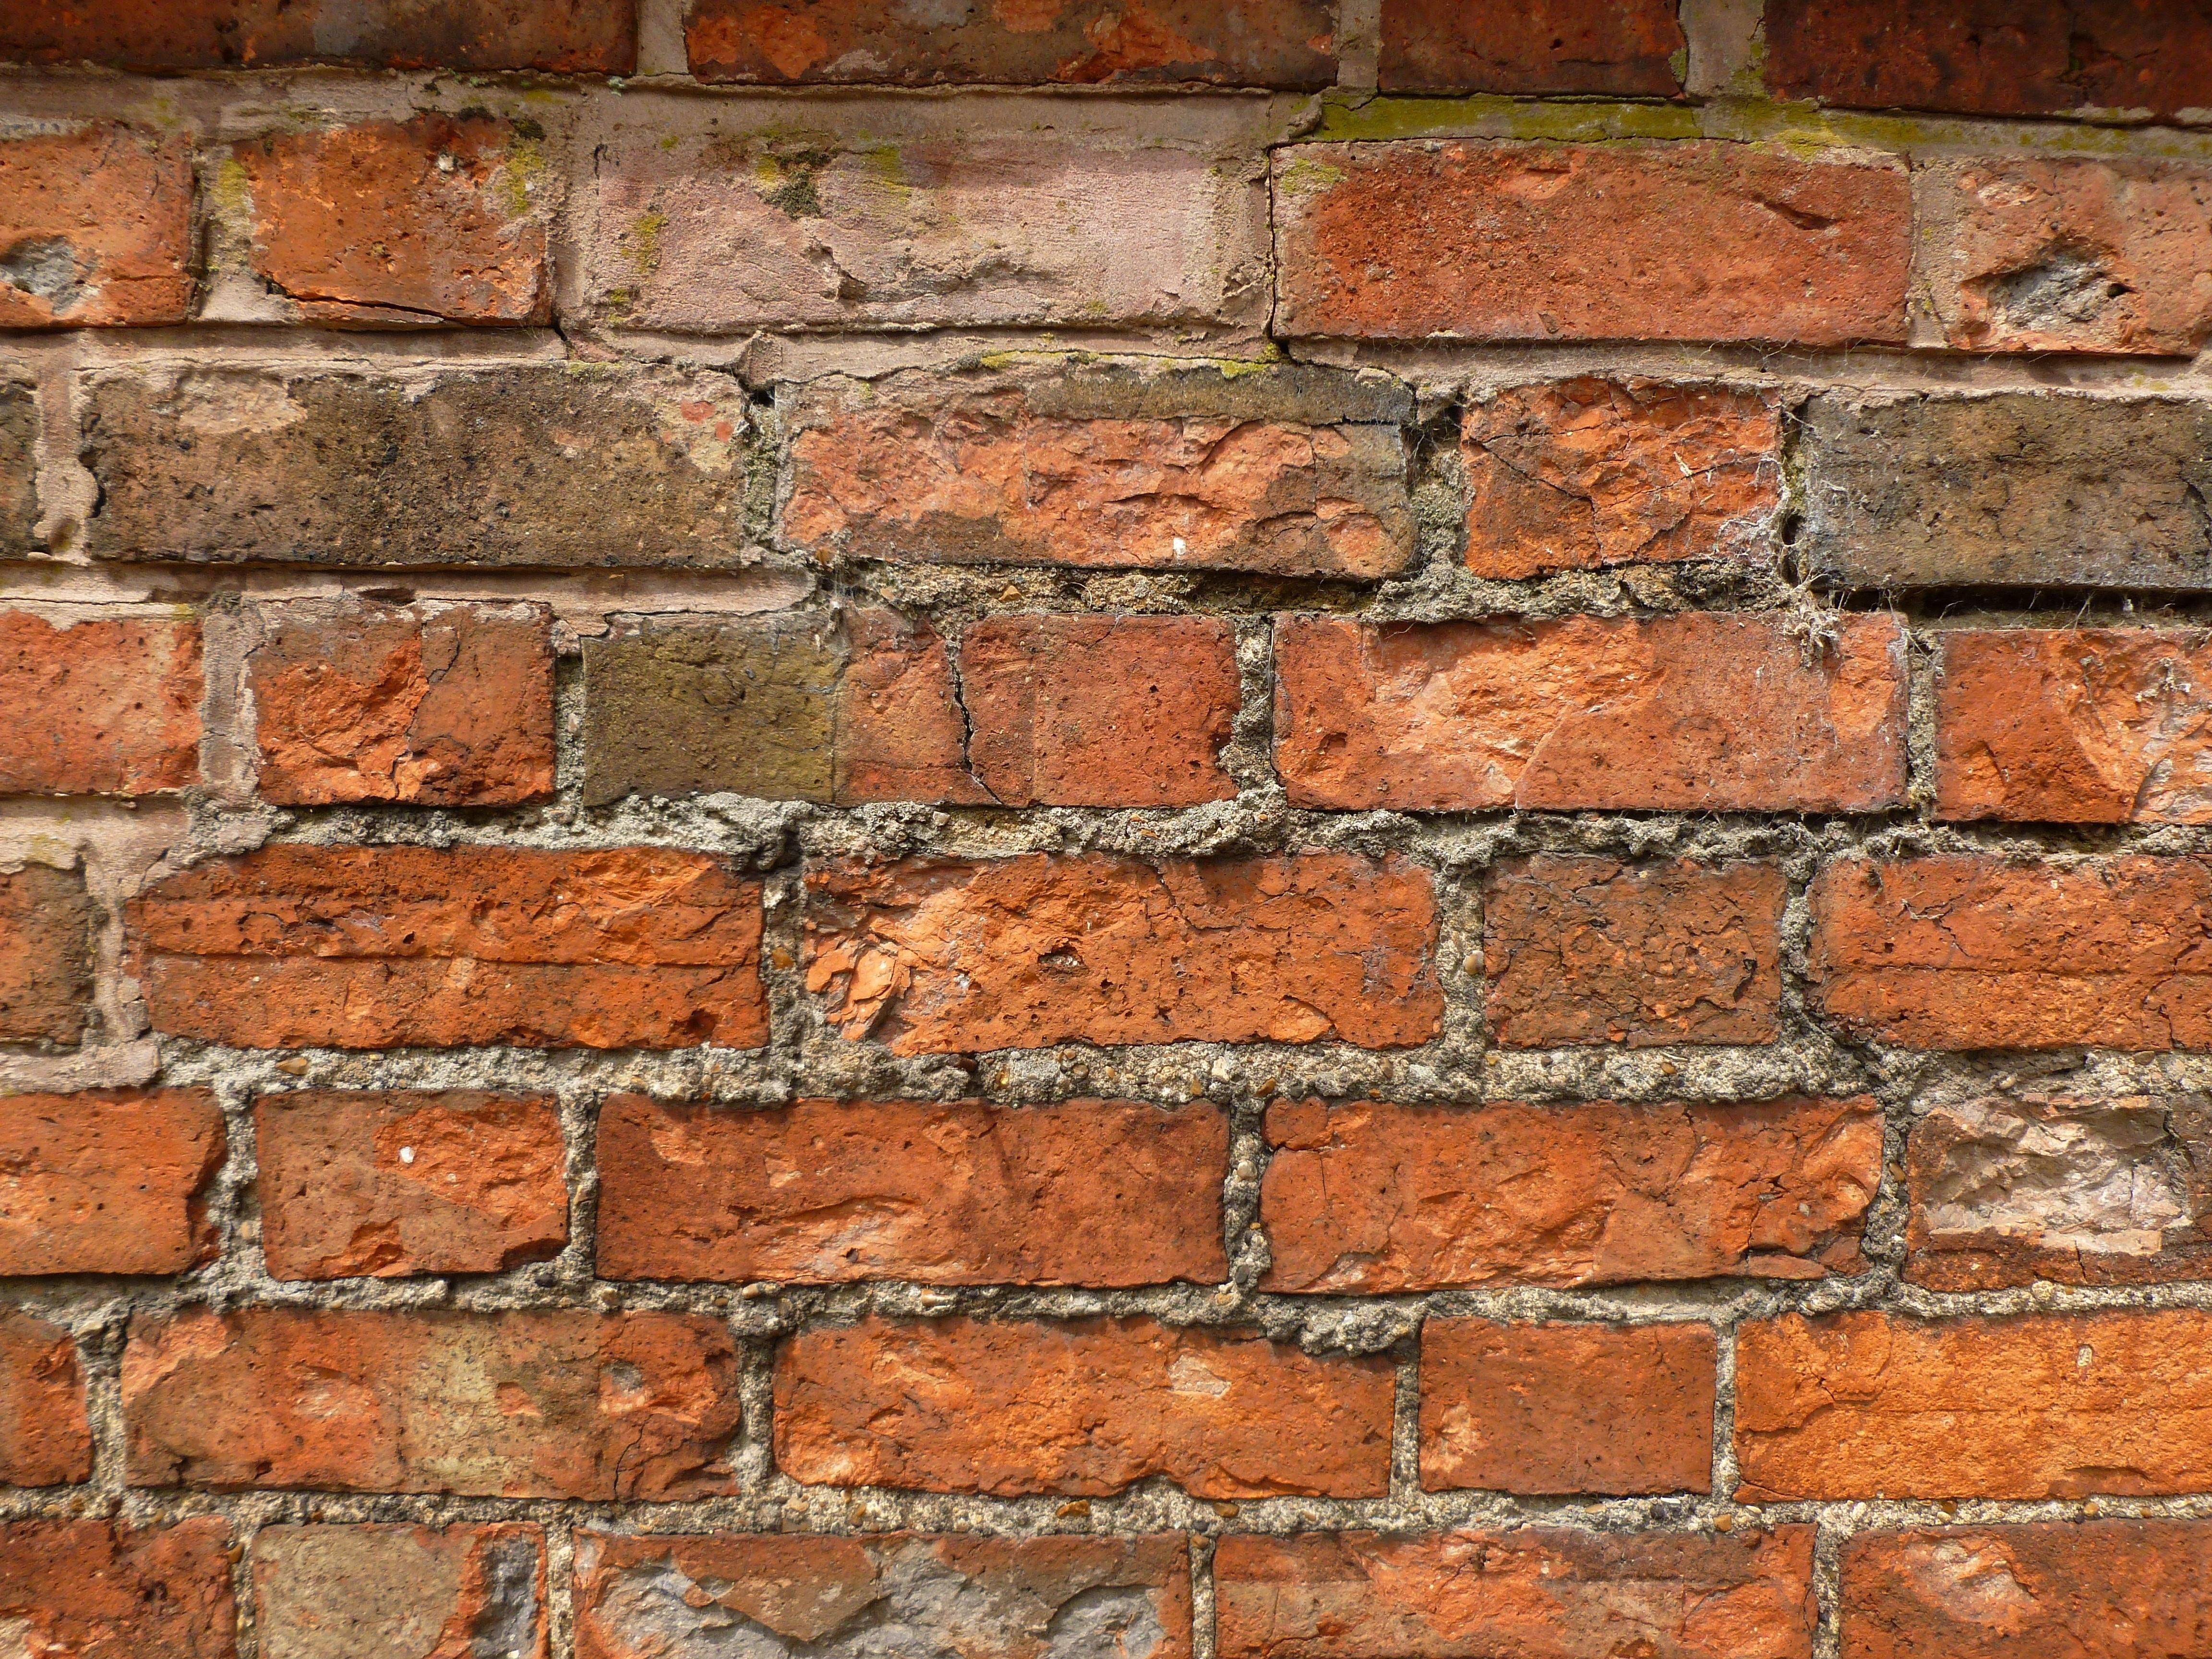 Fotos gratis textura piso edificio construcci n - Ladrillos de piedra ...